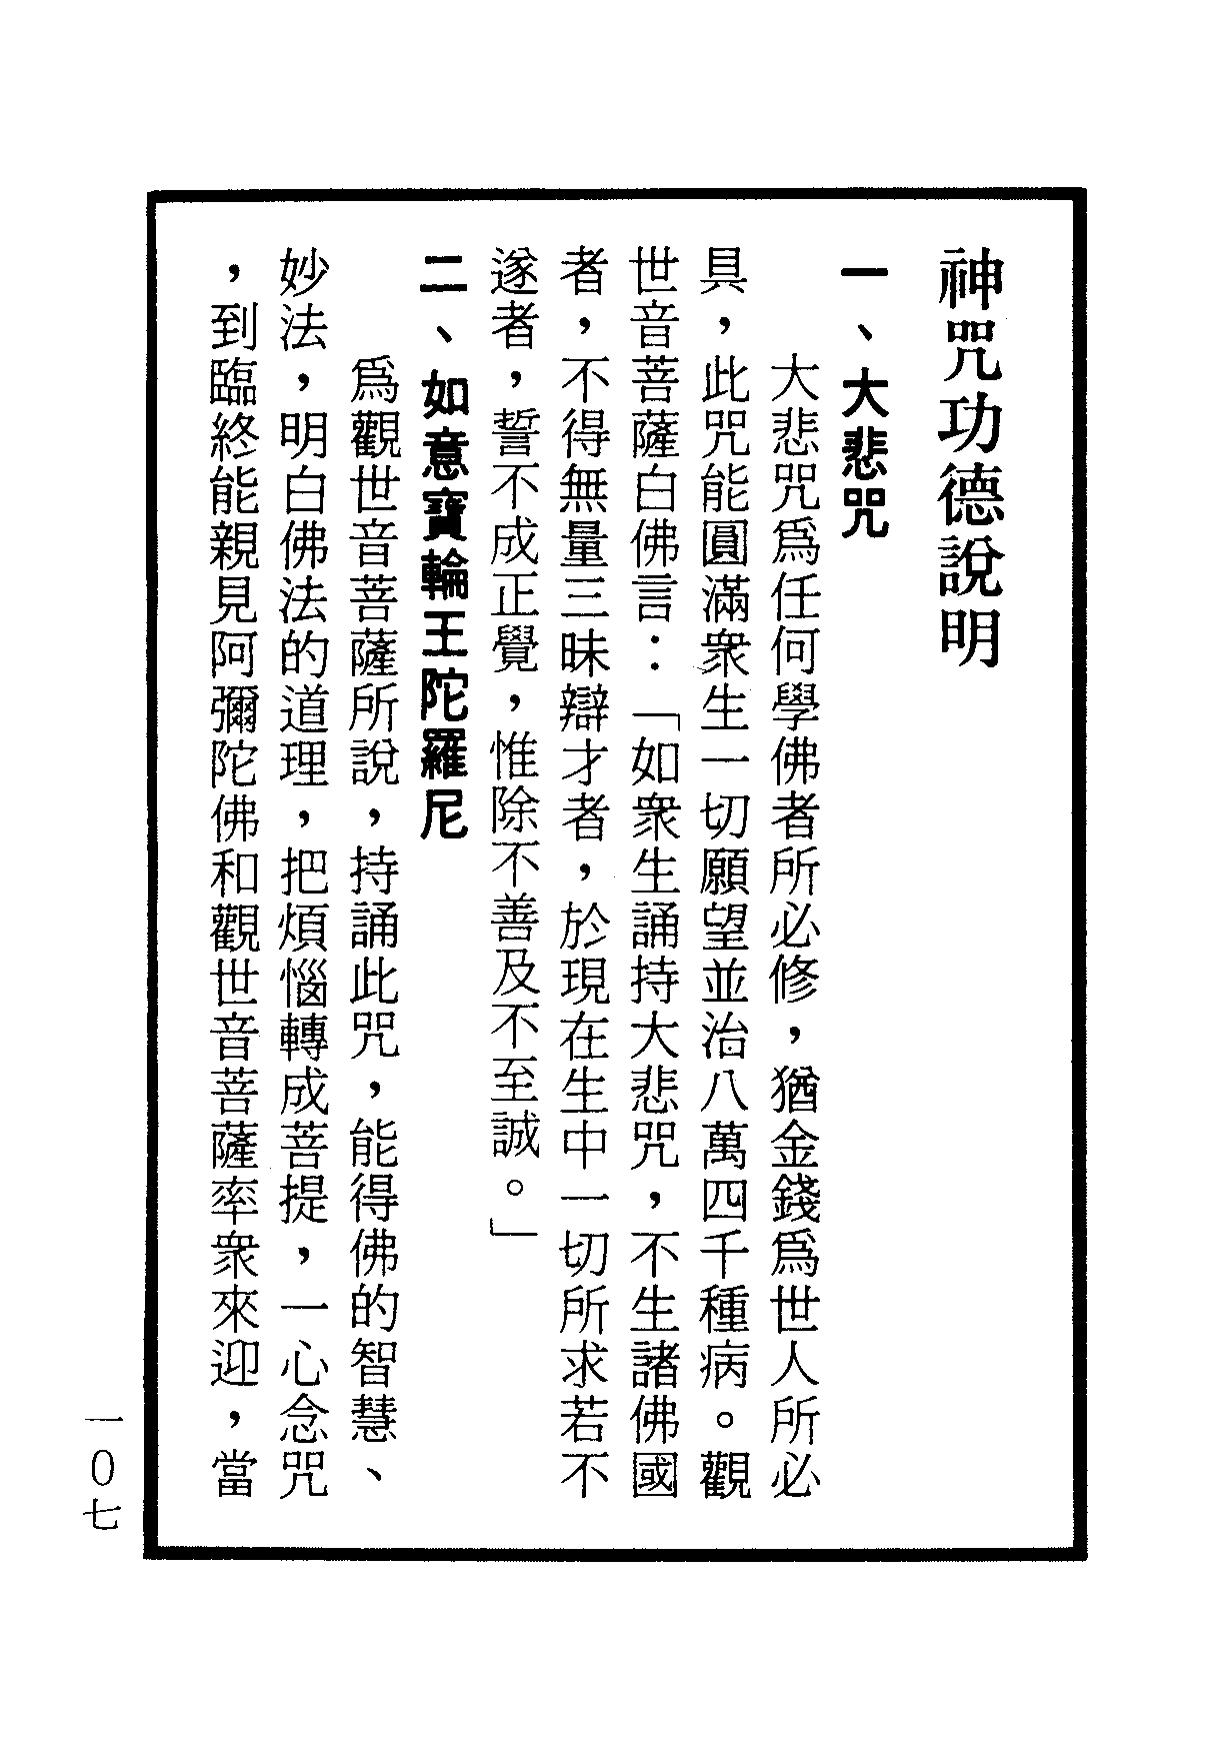 楞嚴咒-大悲咒-十小咒-易背本 113.png